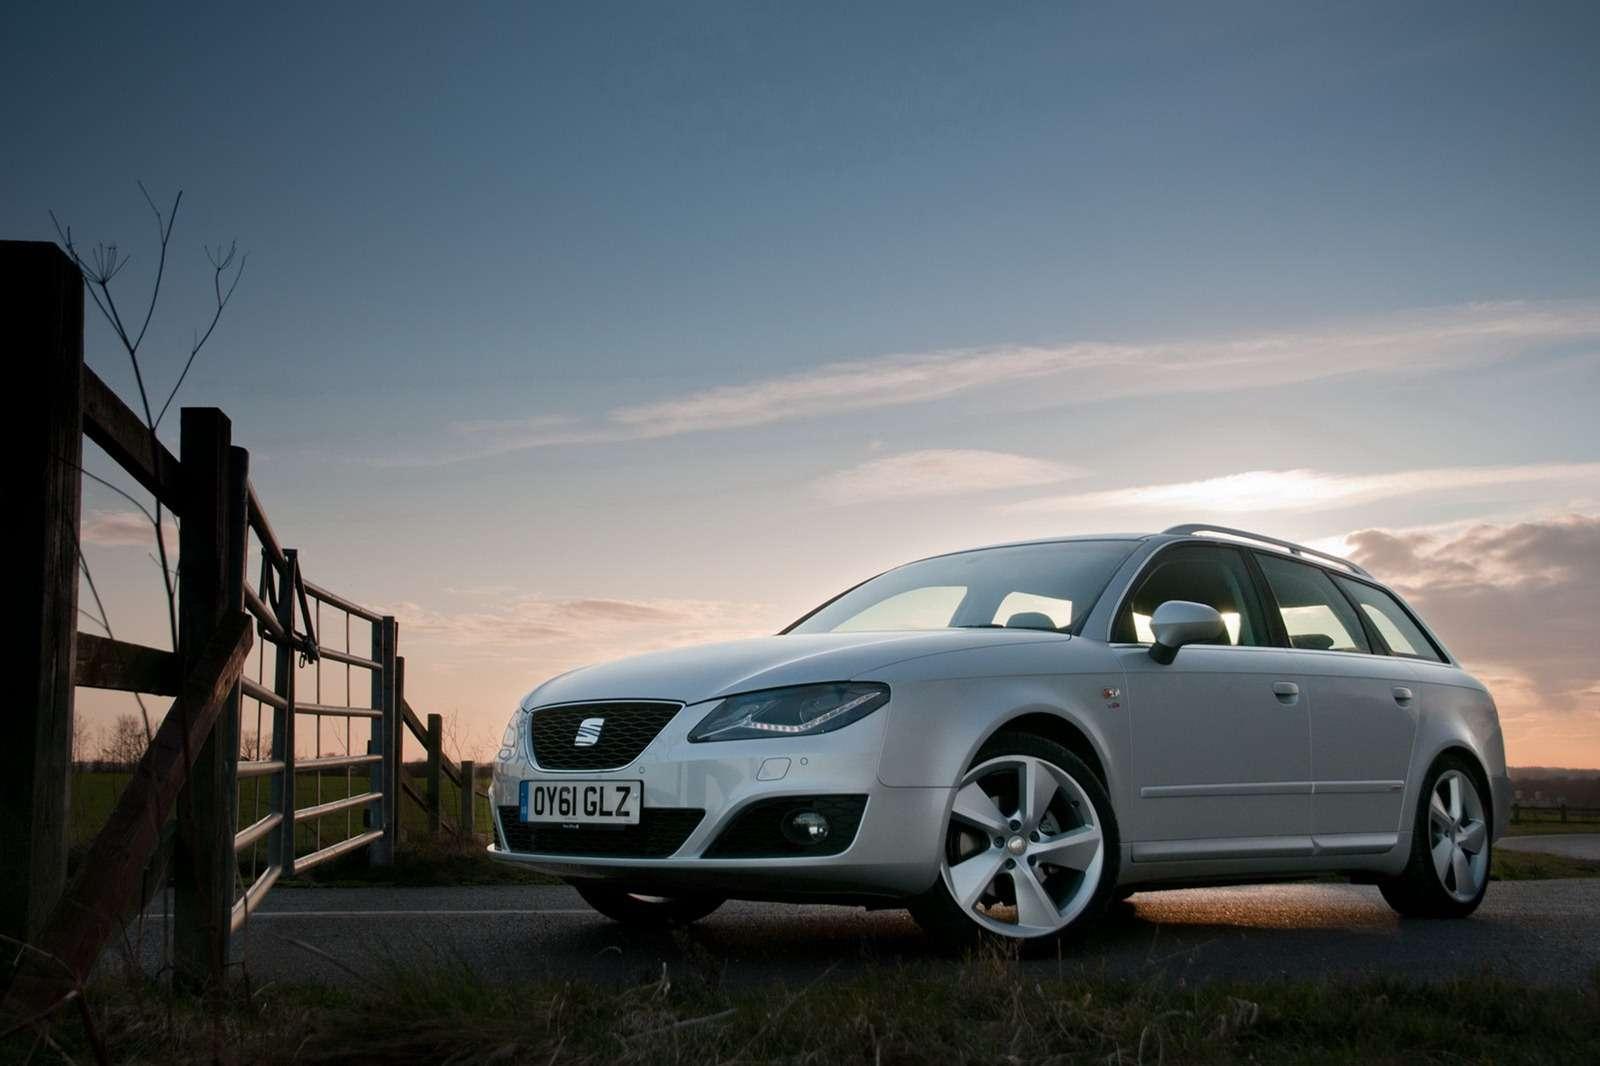 Seat Exeo po faceliftingu UK luty 2012